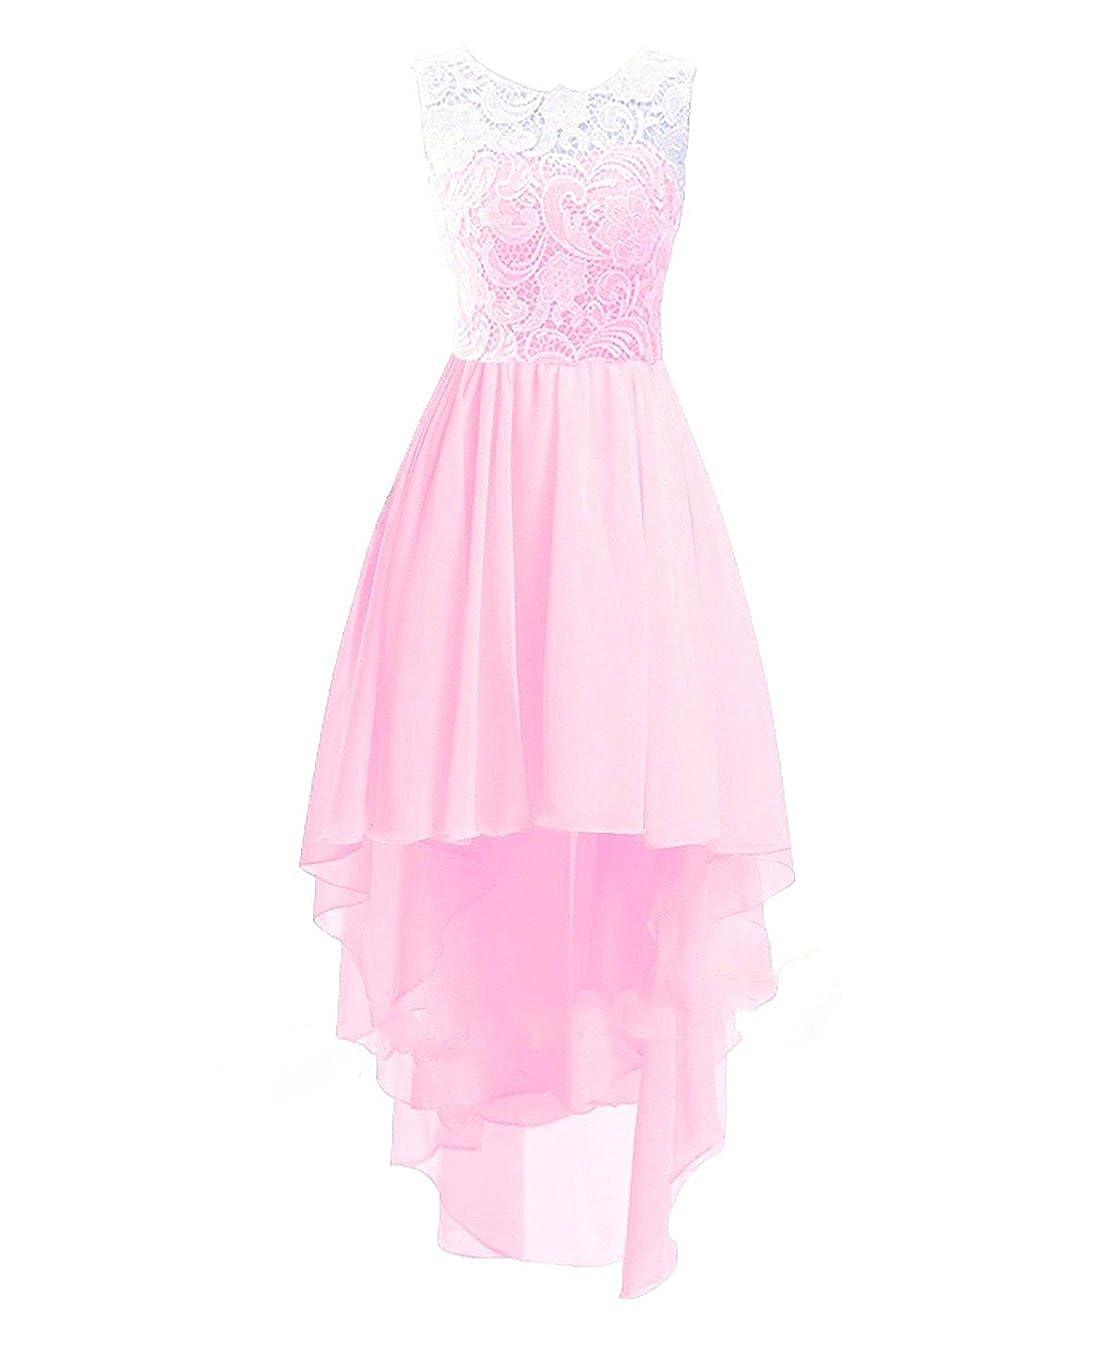 Rose Sur Mesure ISHSY Robe de Soirée Cérémonie Mariage Fille Enfant Longue Asymétrique Dentelle Taille 2-13 Ans